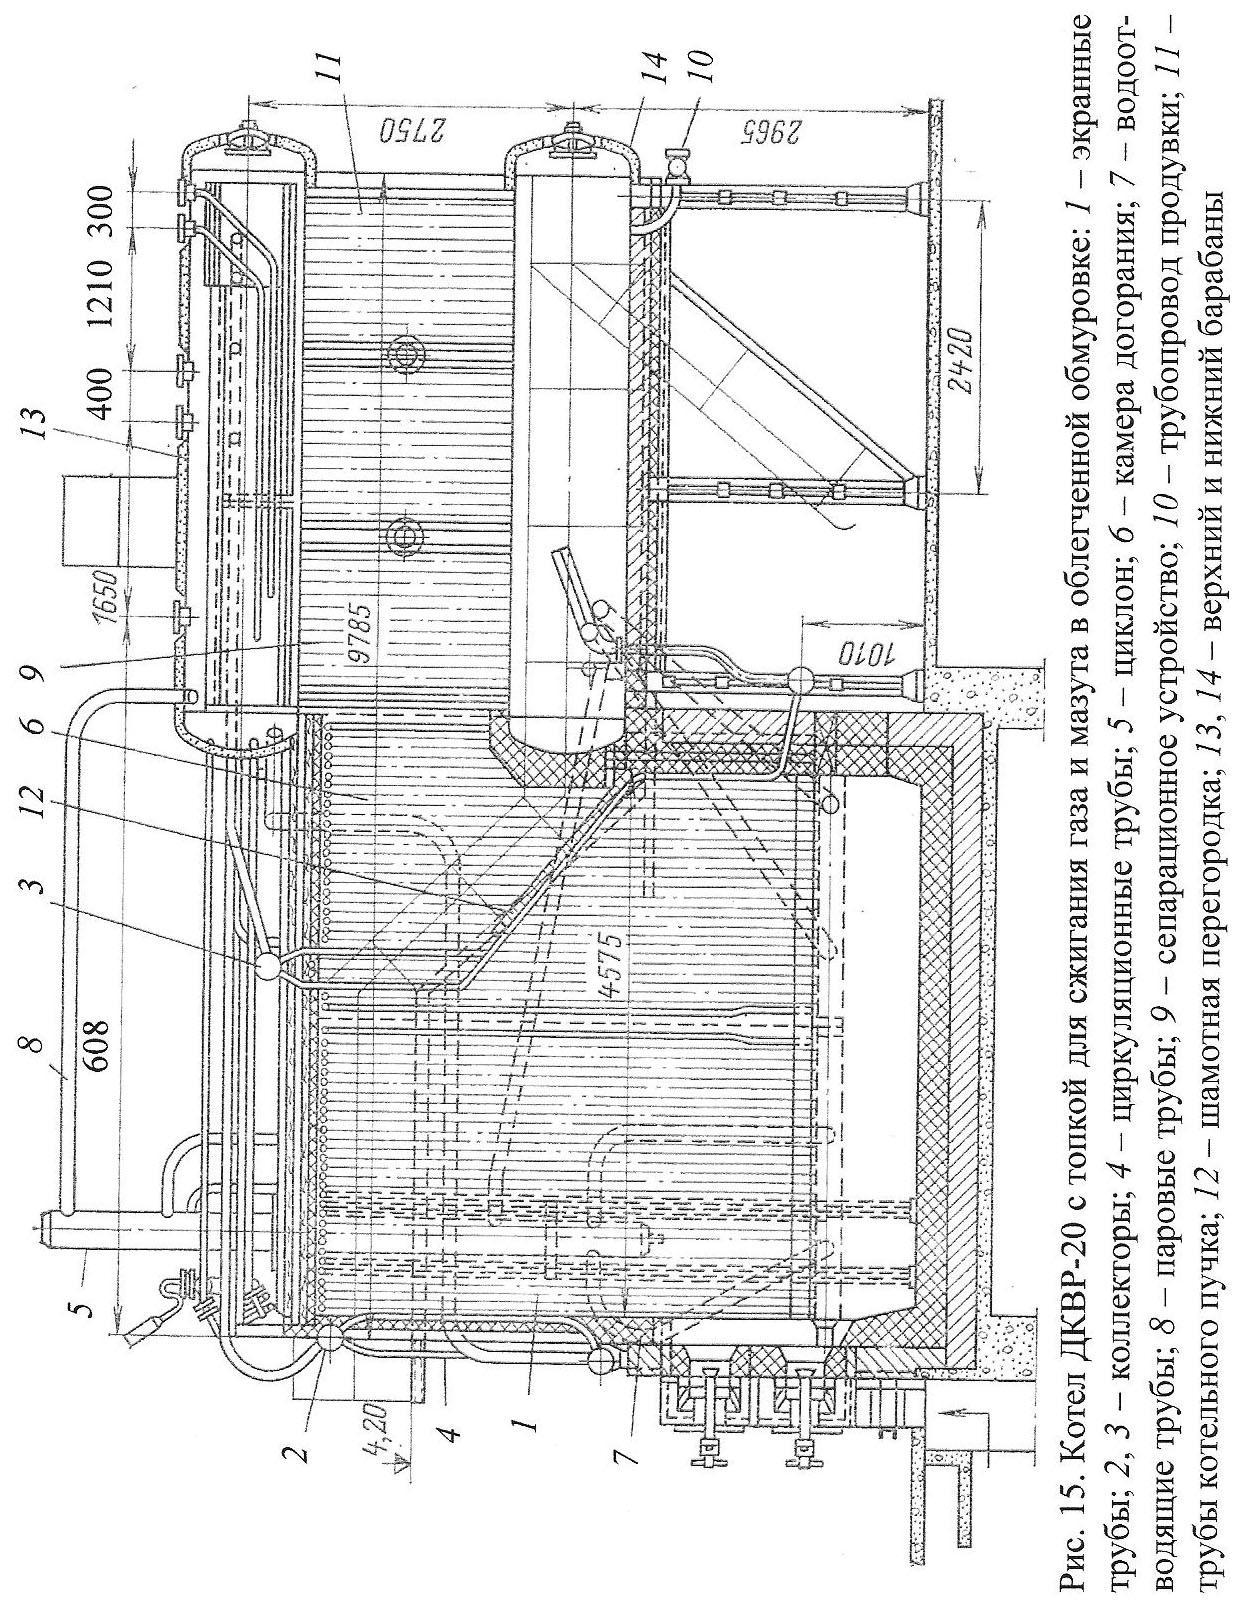 паровые котлы дквр, устройство, схема циркуляции воды